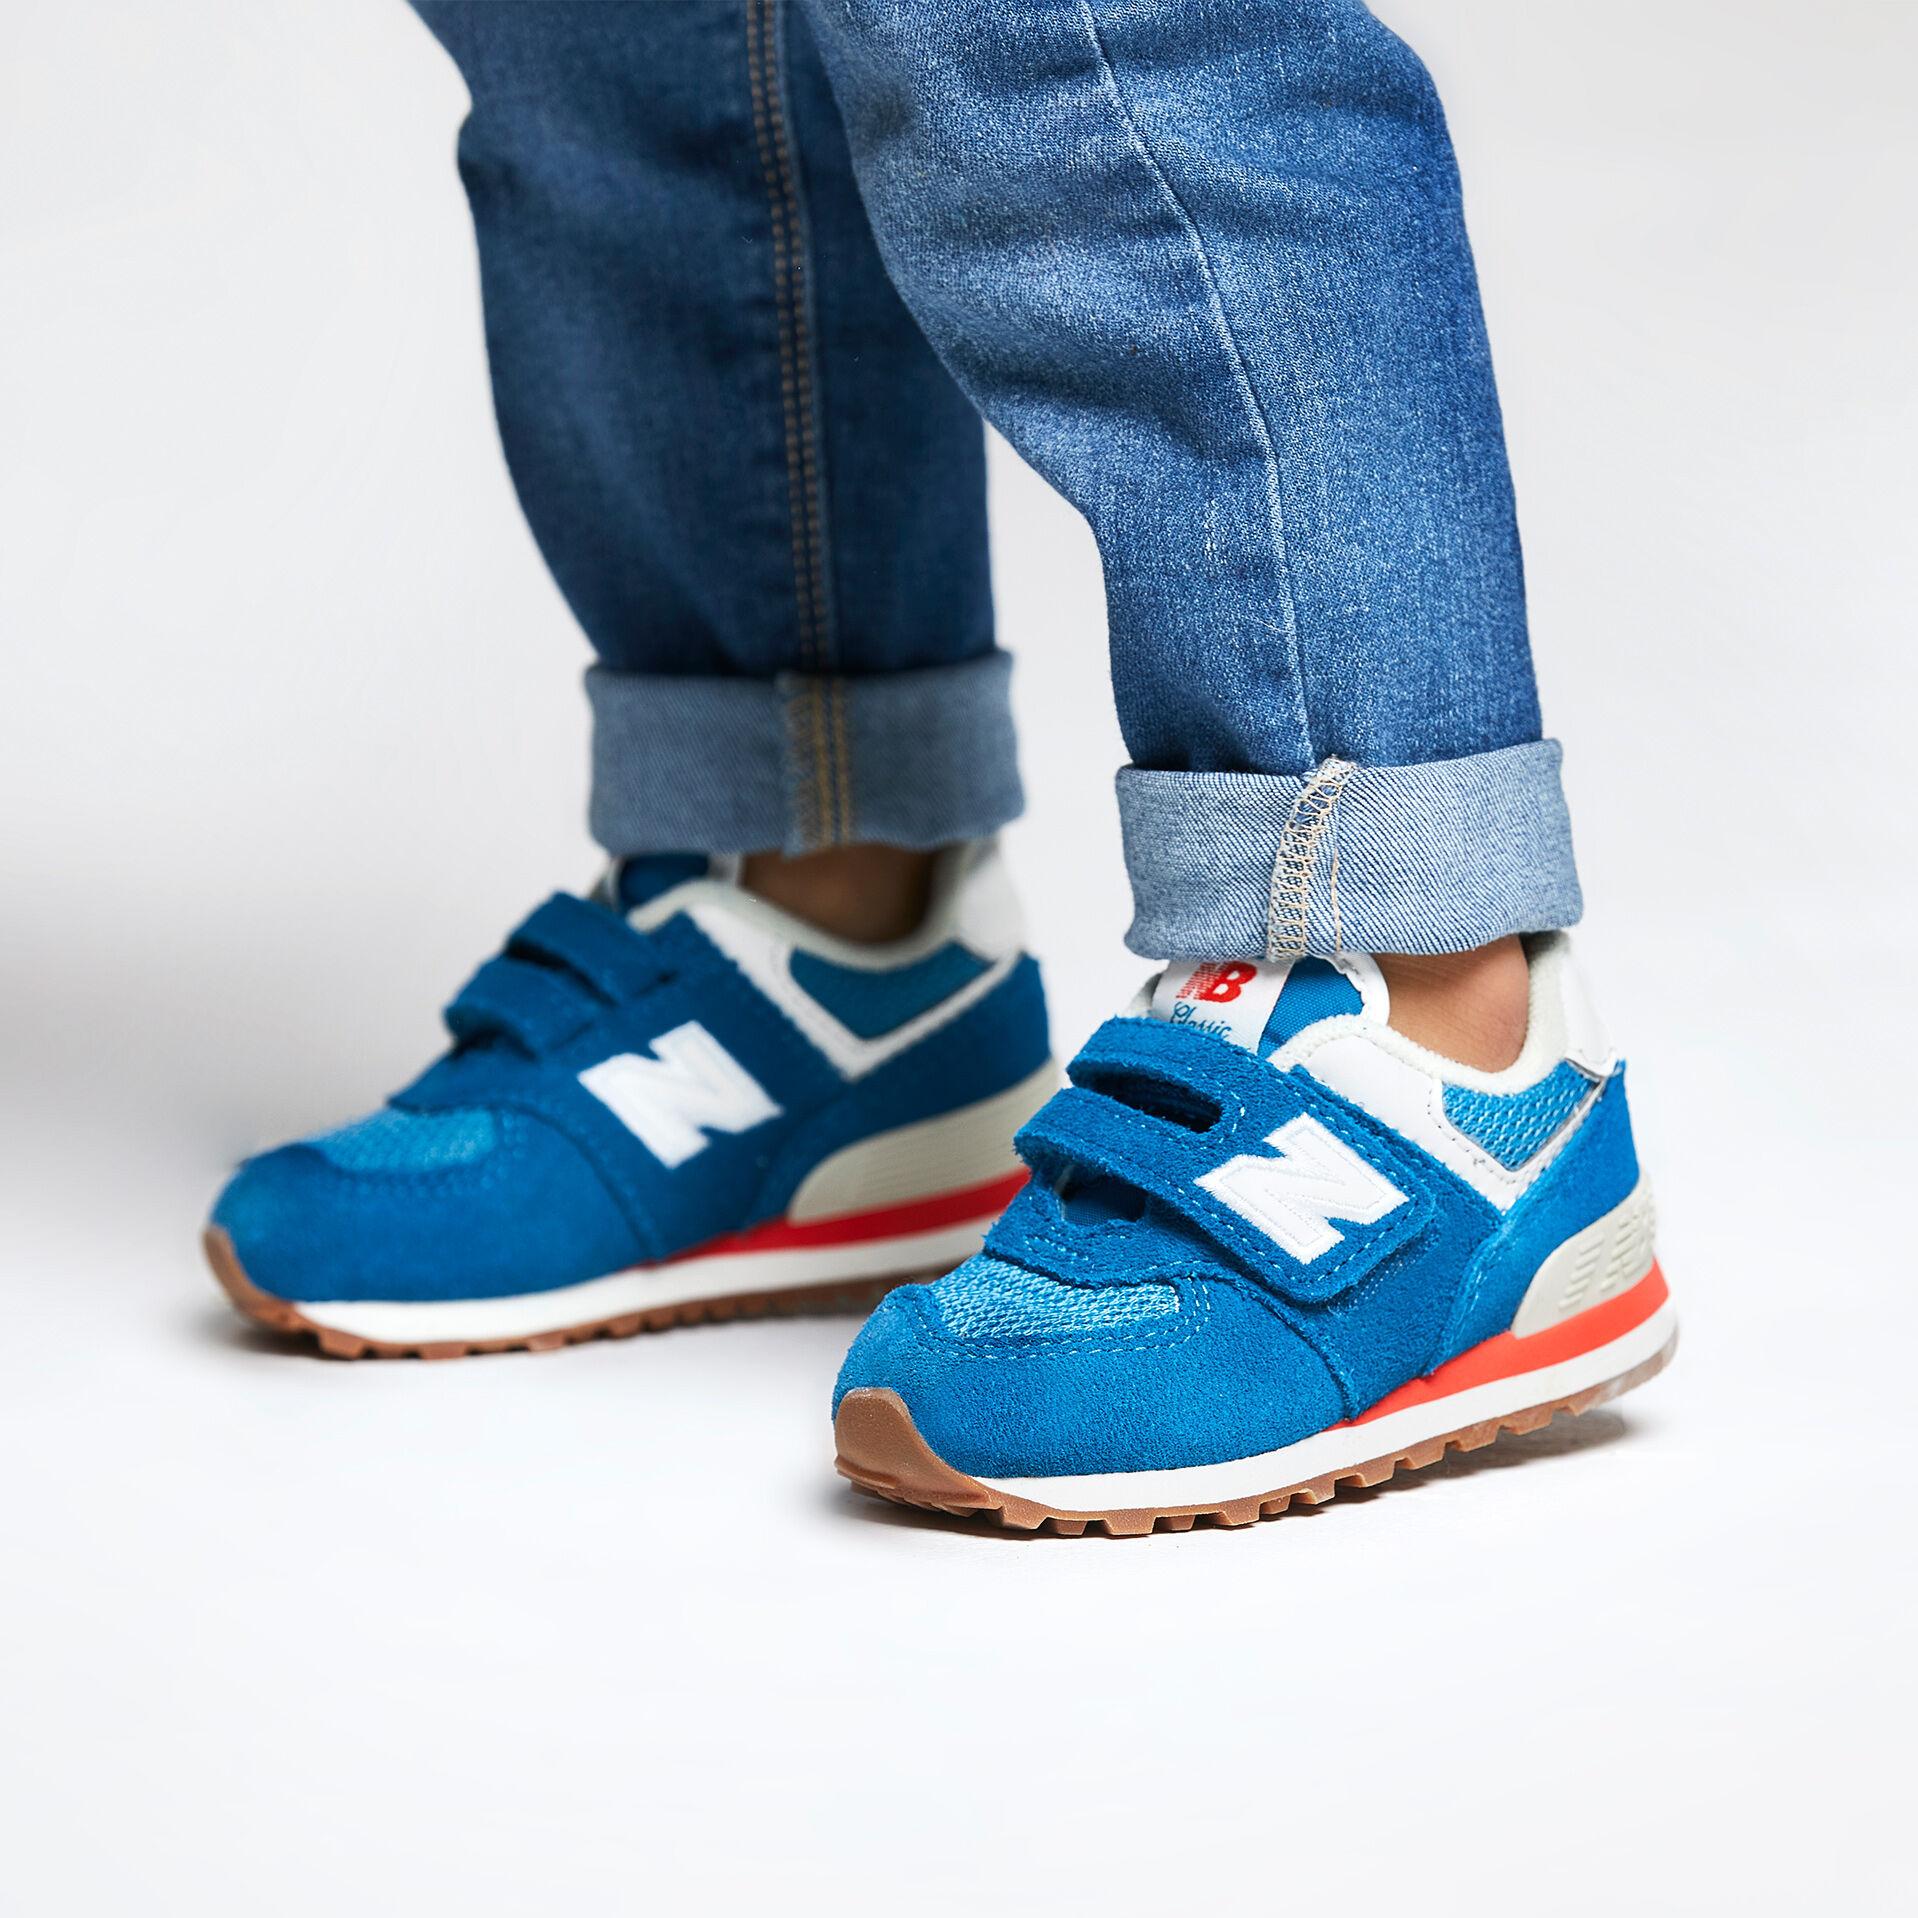 Kids' Shoes & Clothing - New Balance